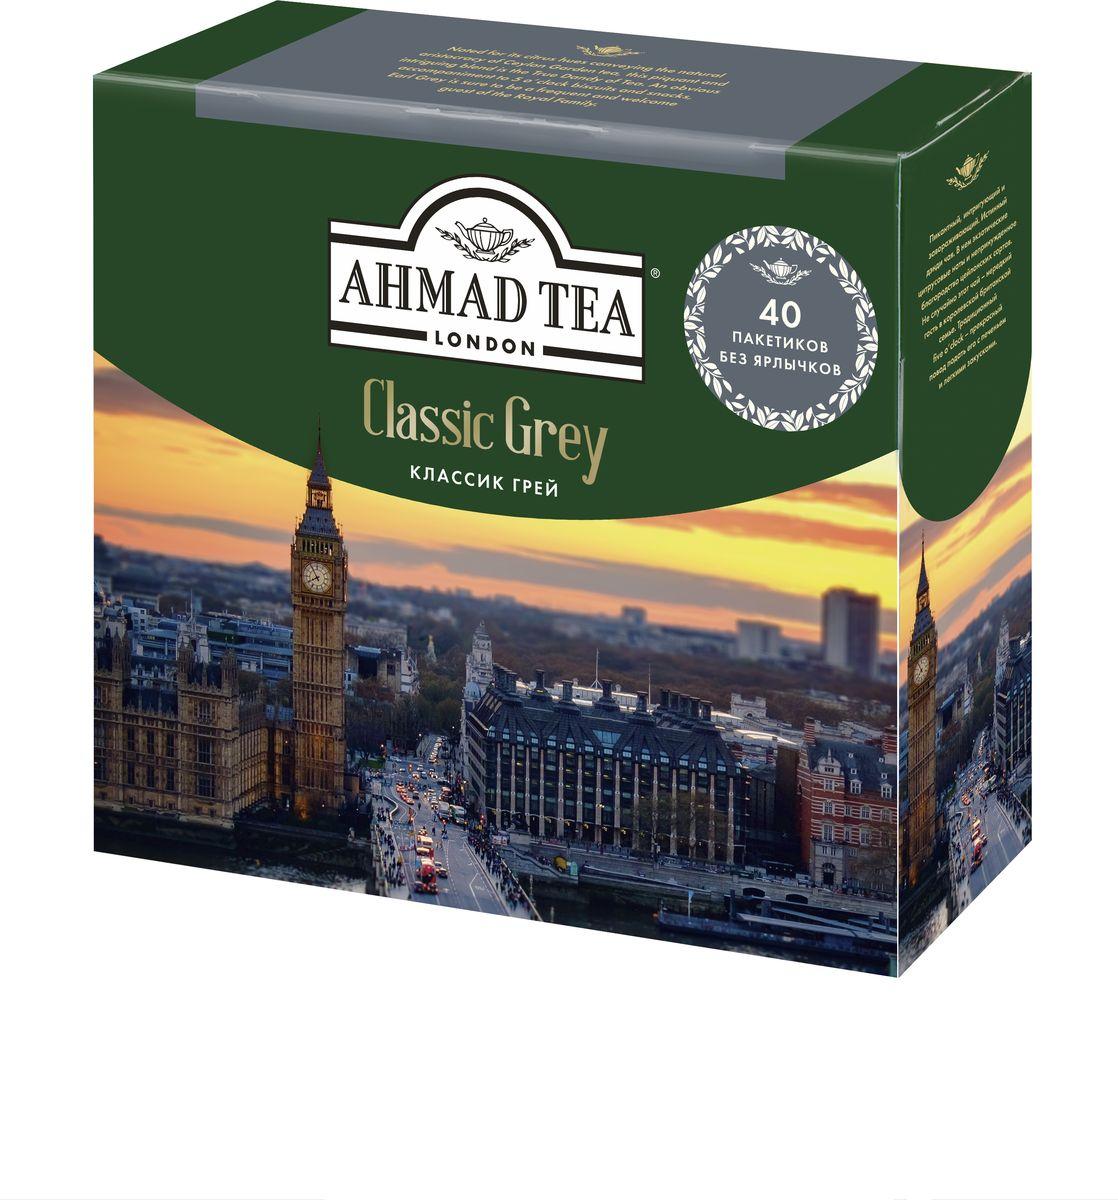 Ahmad Tea Classic Grey черный чай в пакетиках без ярлычков, 40 шт682N-3Ahmad Tea Earl Grey – пикантный, интригующий и завораживающий. Истинный дэнди чая. В нем экзотические цитрусовые ноты и непринуждённое благородство цейлонских сортов. Не случайно этот чай – нередкий гость в королевской британской семье. Традиционный five o'clock – прекрасный повод подать его с печеньем и лёгкими закусками.Заваривать 3-5 минут, температура воды 100°С.